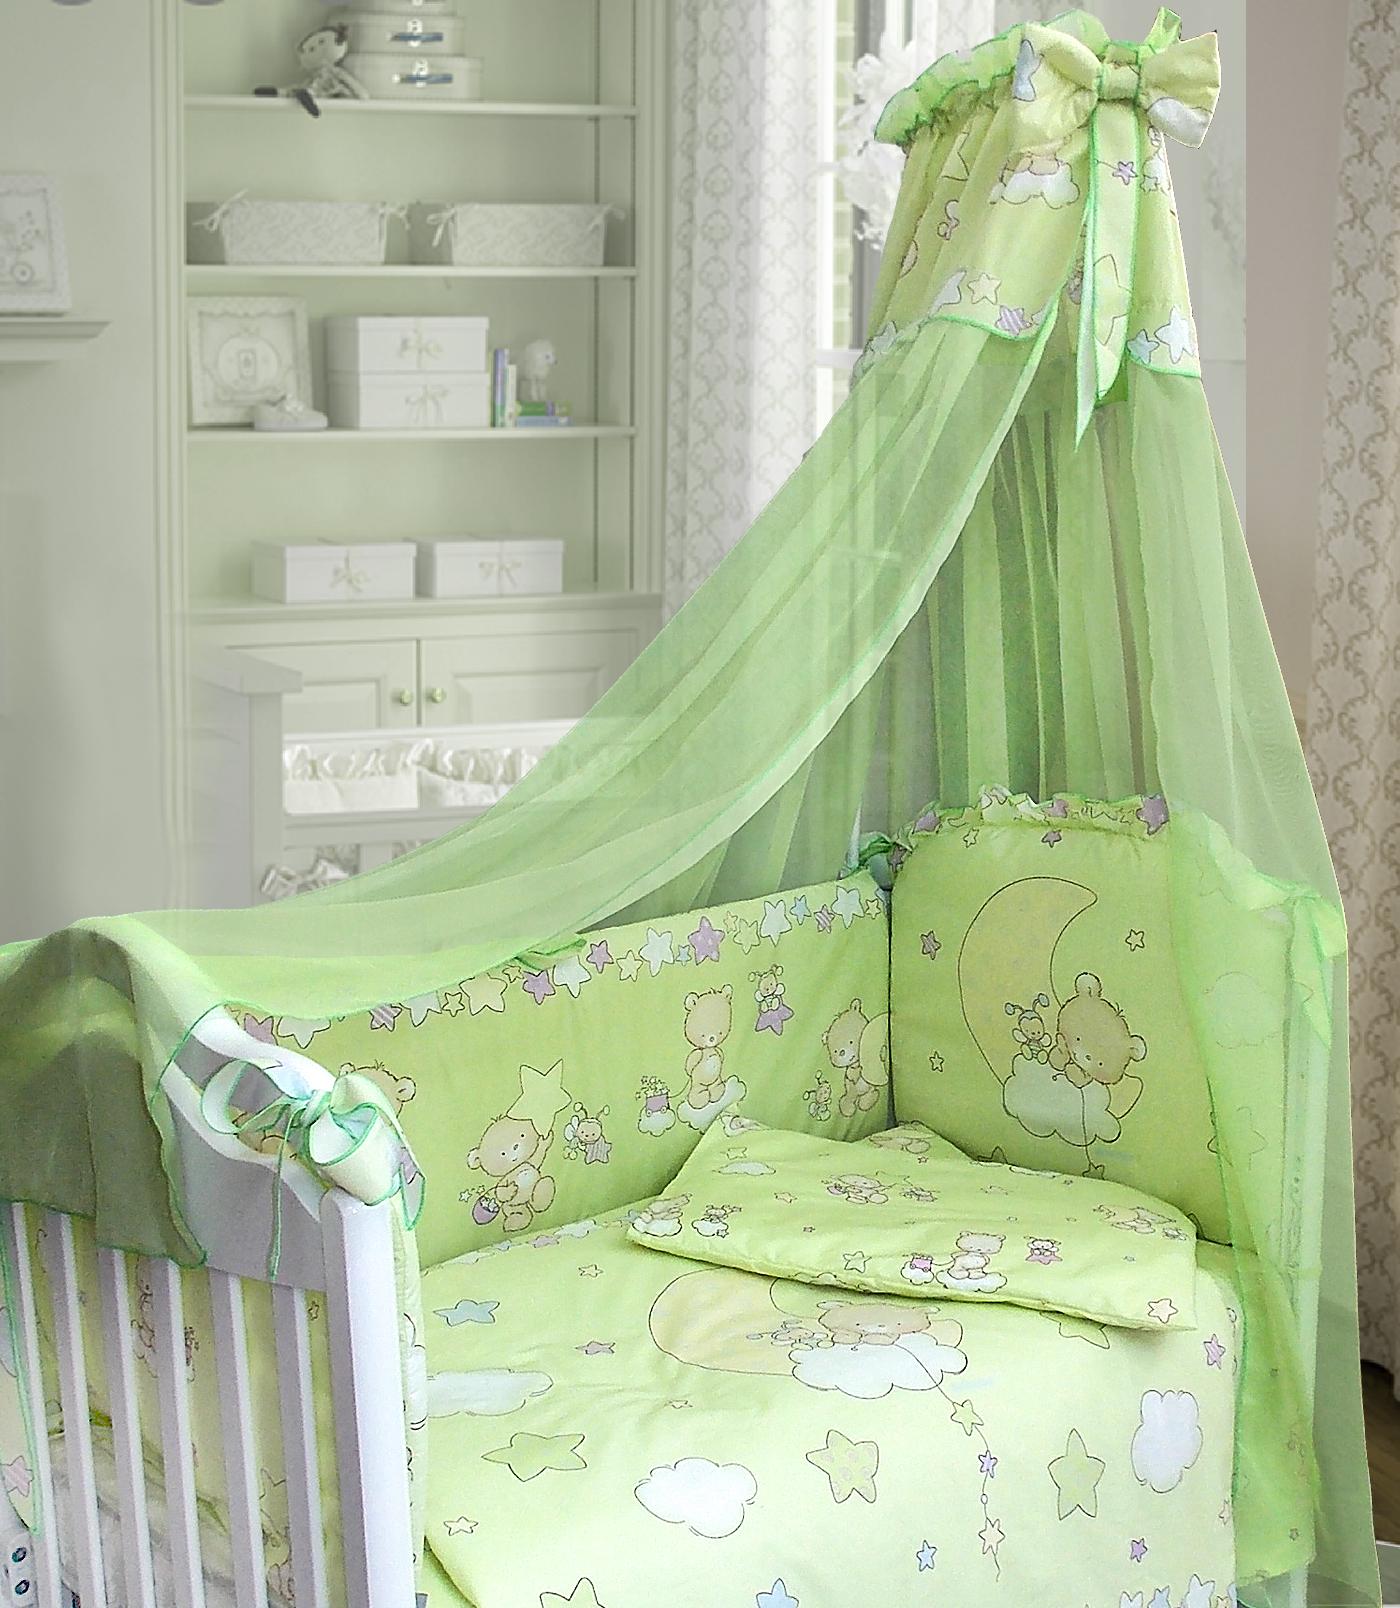 Комплект в кроватку - Павлуша, 7 предметов, зелёныйДетское постельное белье<br>Комплект в кроватку - Павлуша, 7 предметов, зелёный<br>